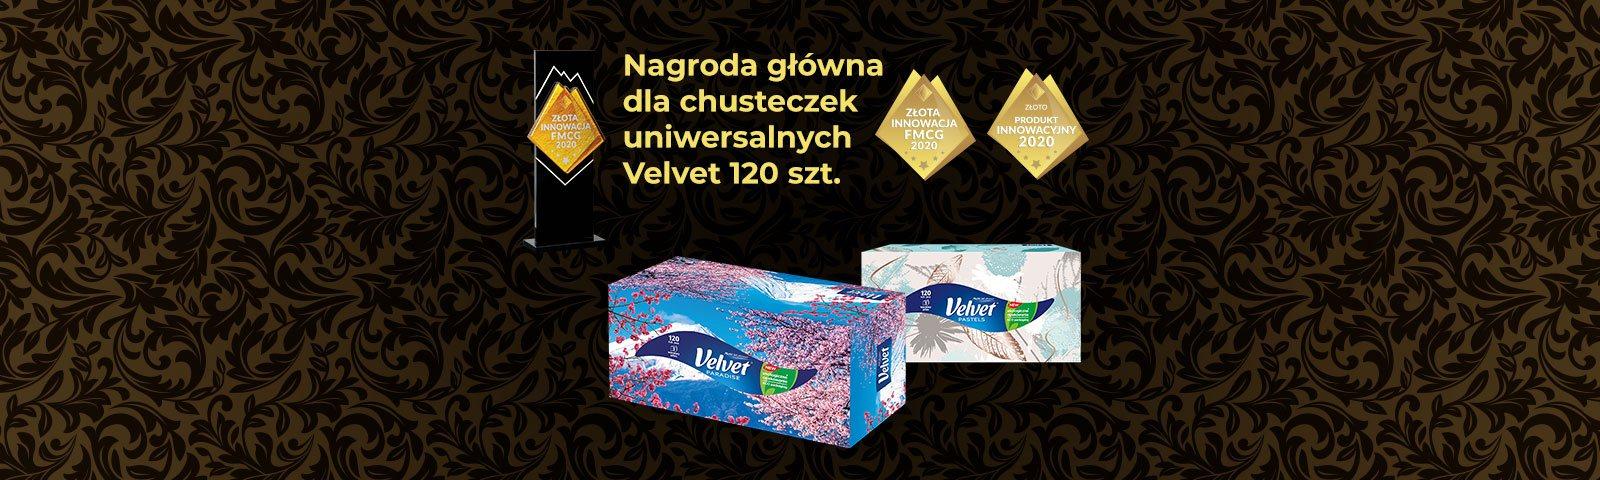 Nagroda dla chusteczek uniwersalnych Velvet 120 szt.